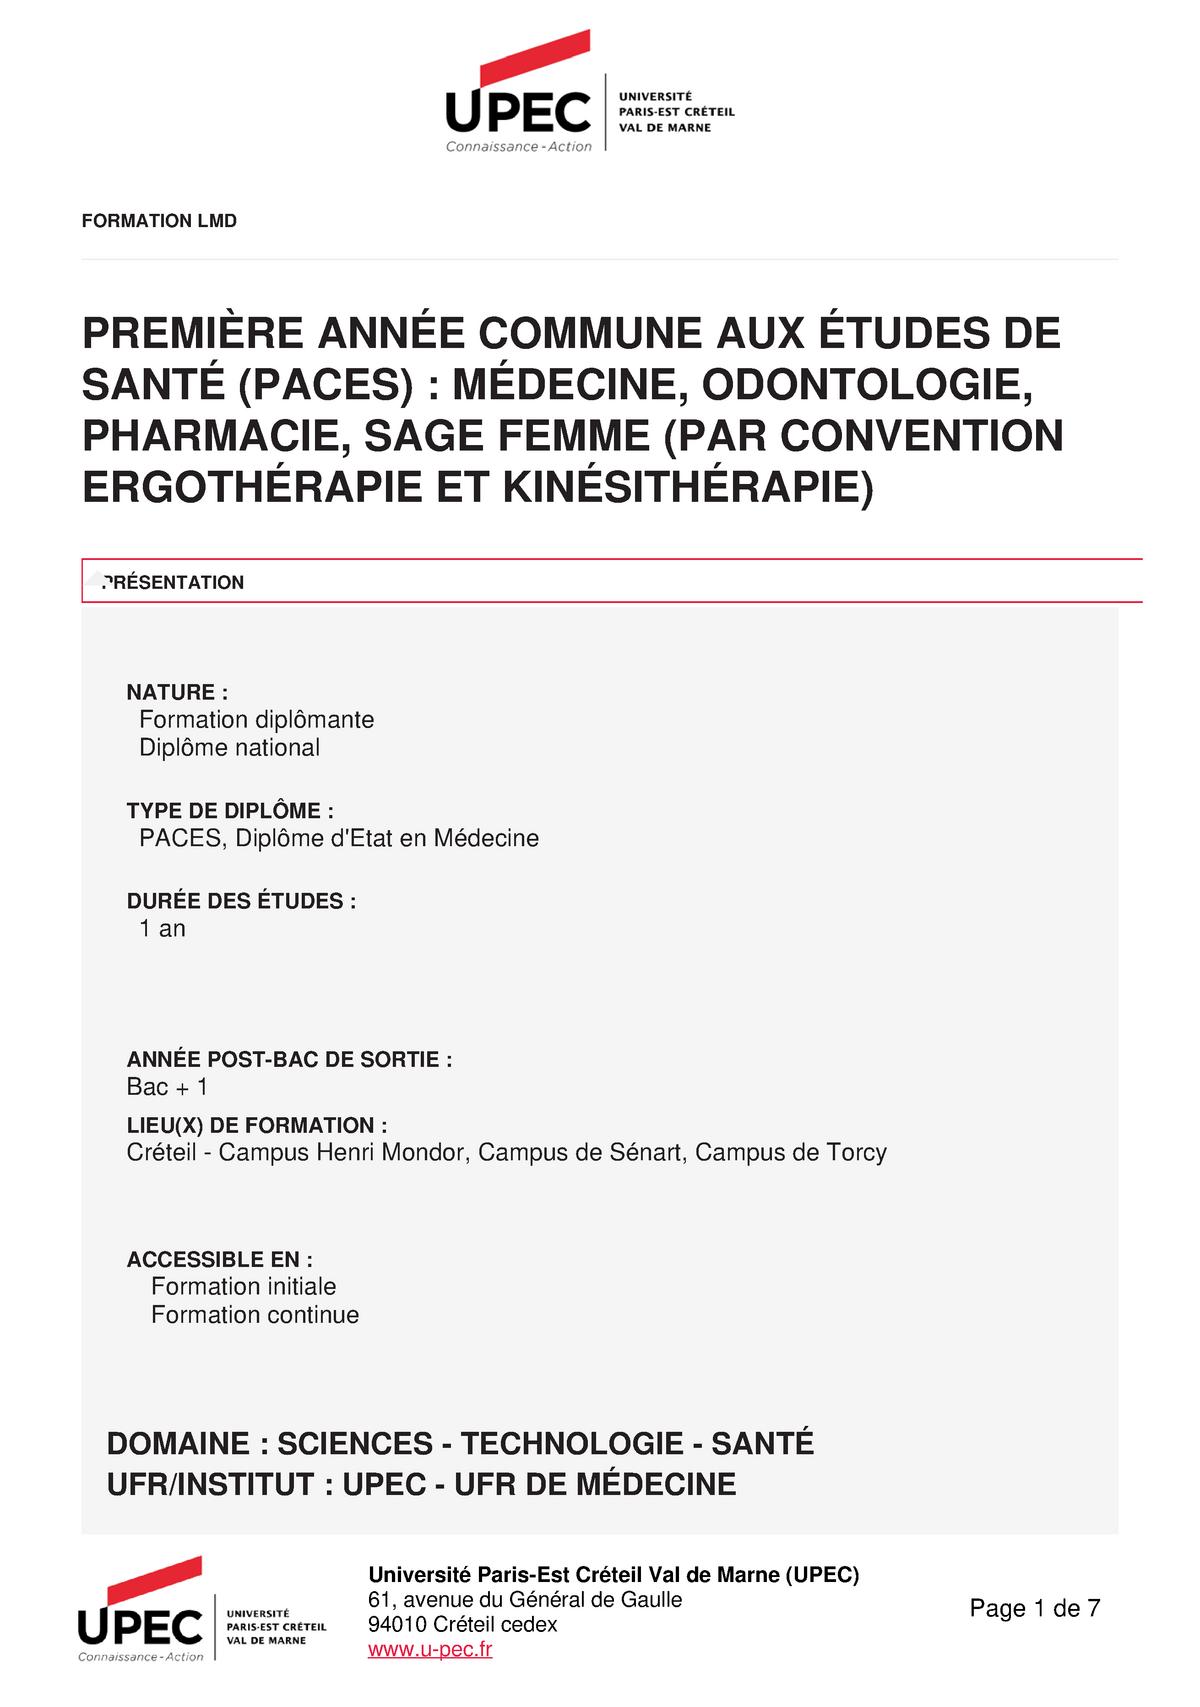 Premiere Annee Des Etudes De Sante Paes Paces Ue 1 Studocu